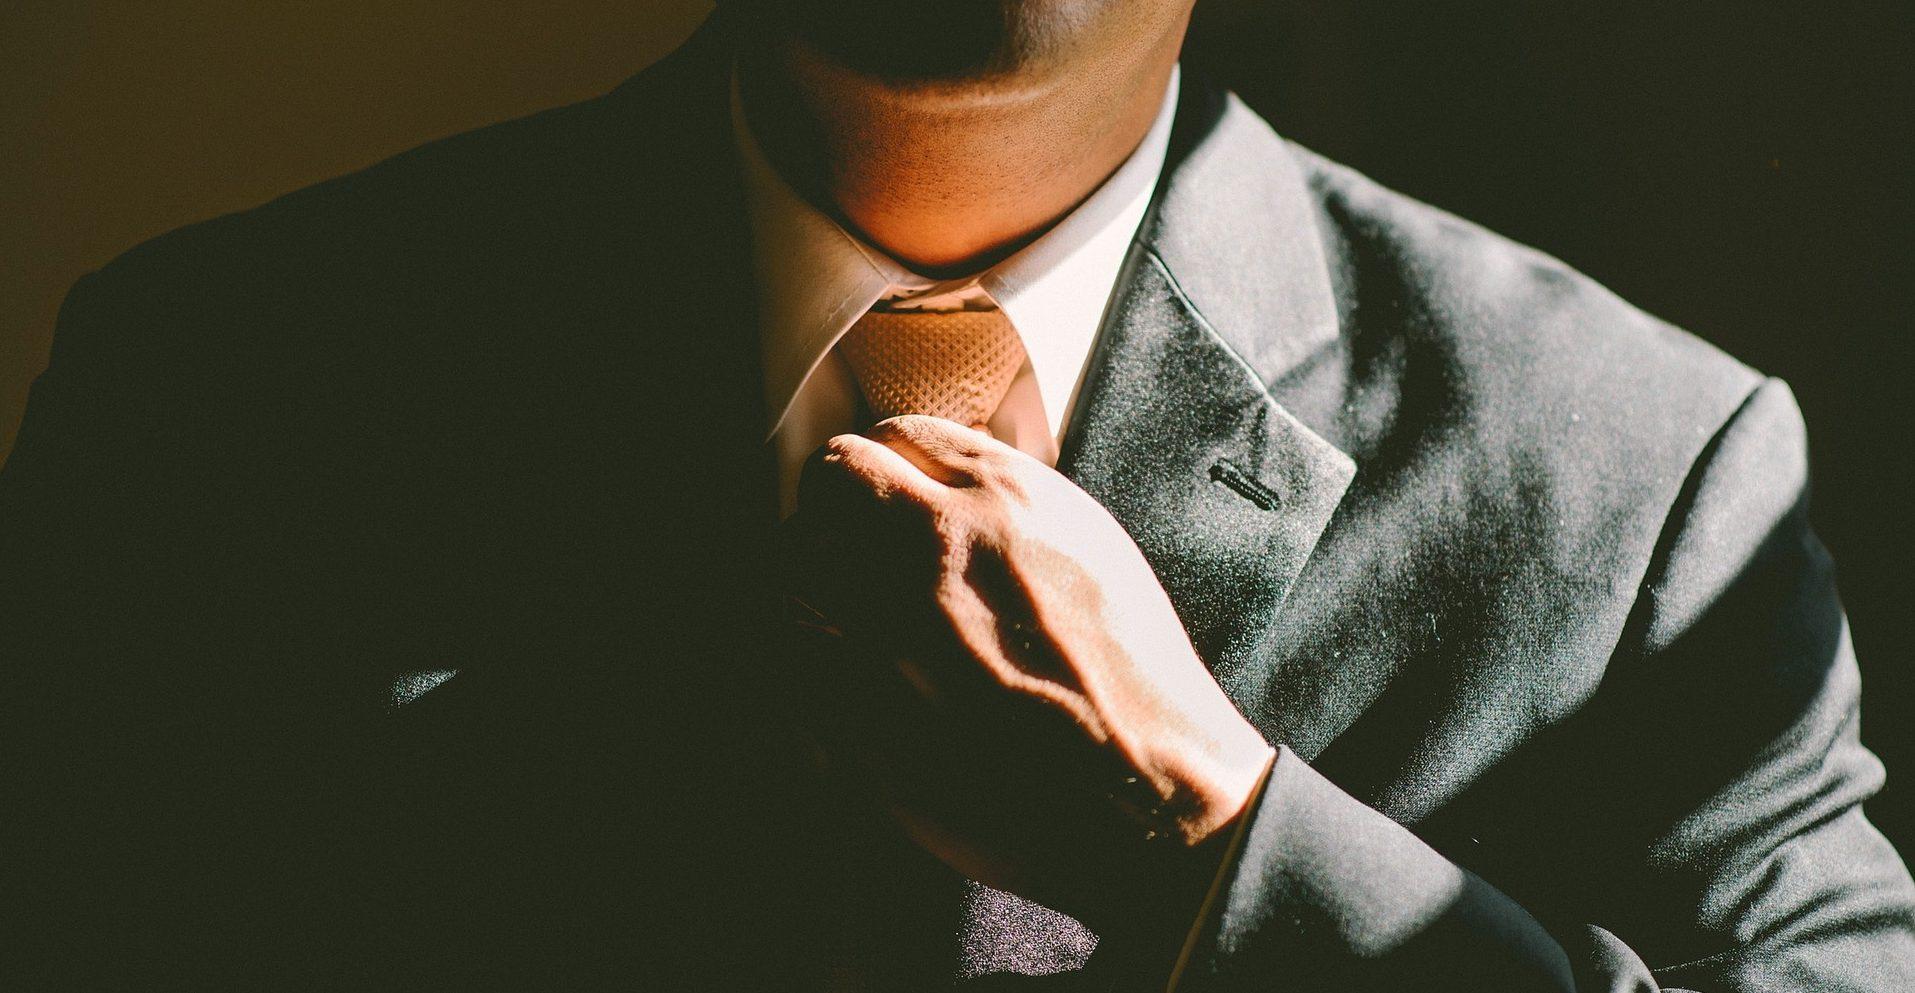 leave job entrepreneur onentrepreneur